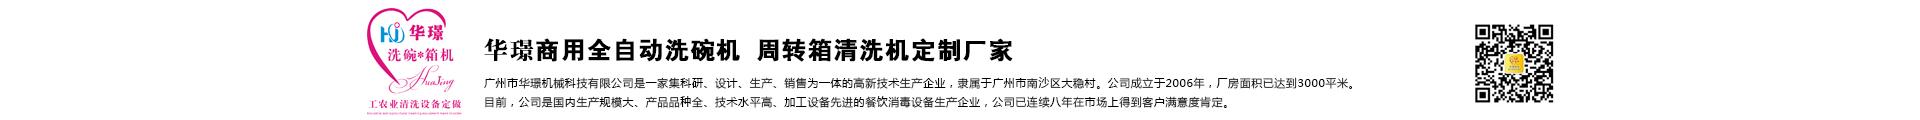 廣州市華璟機械科技有限公司